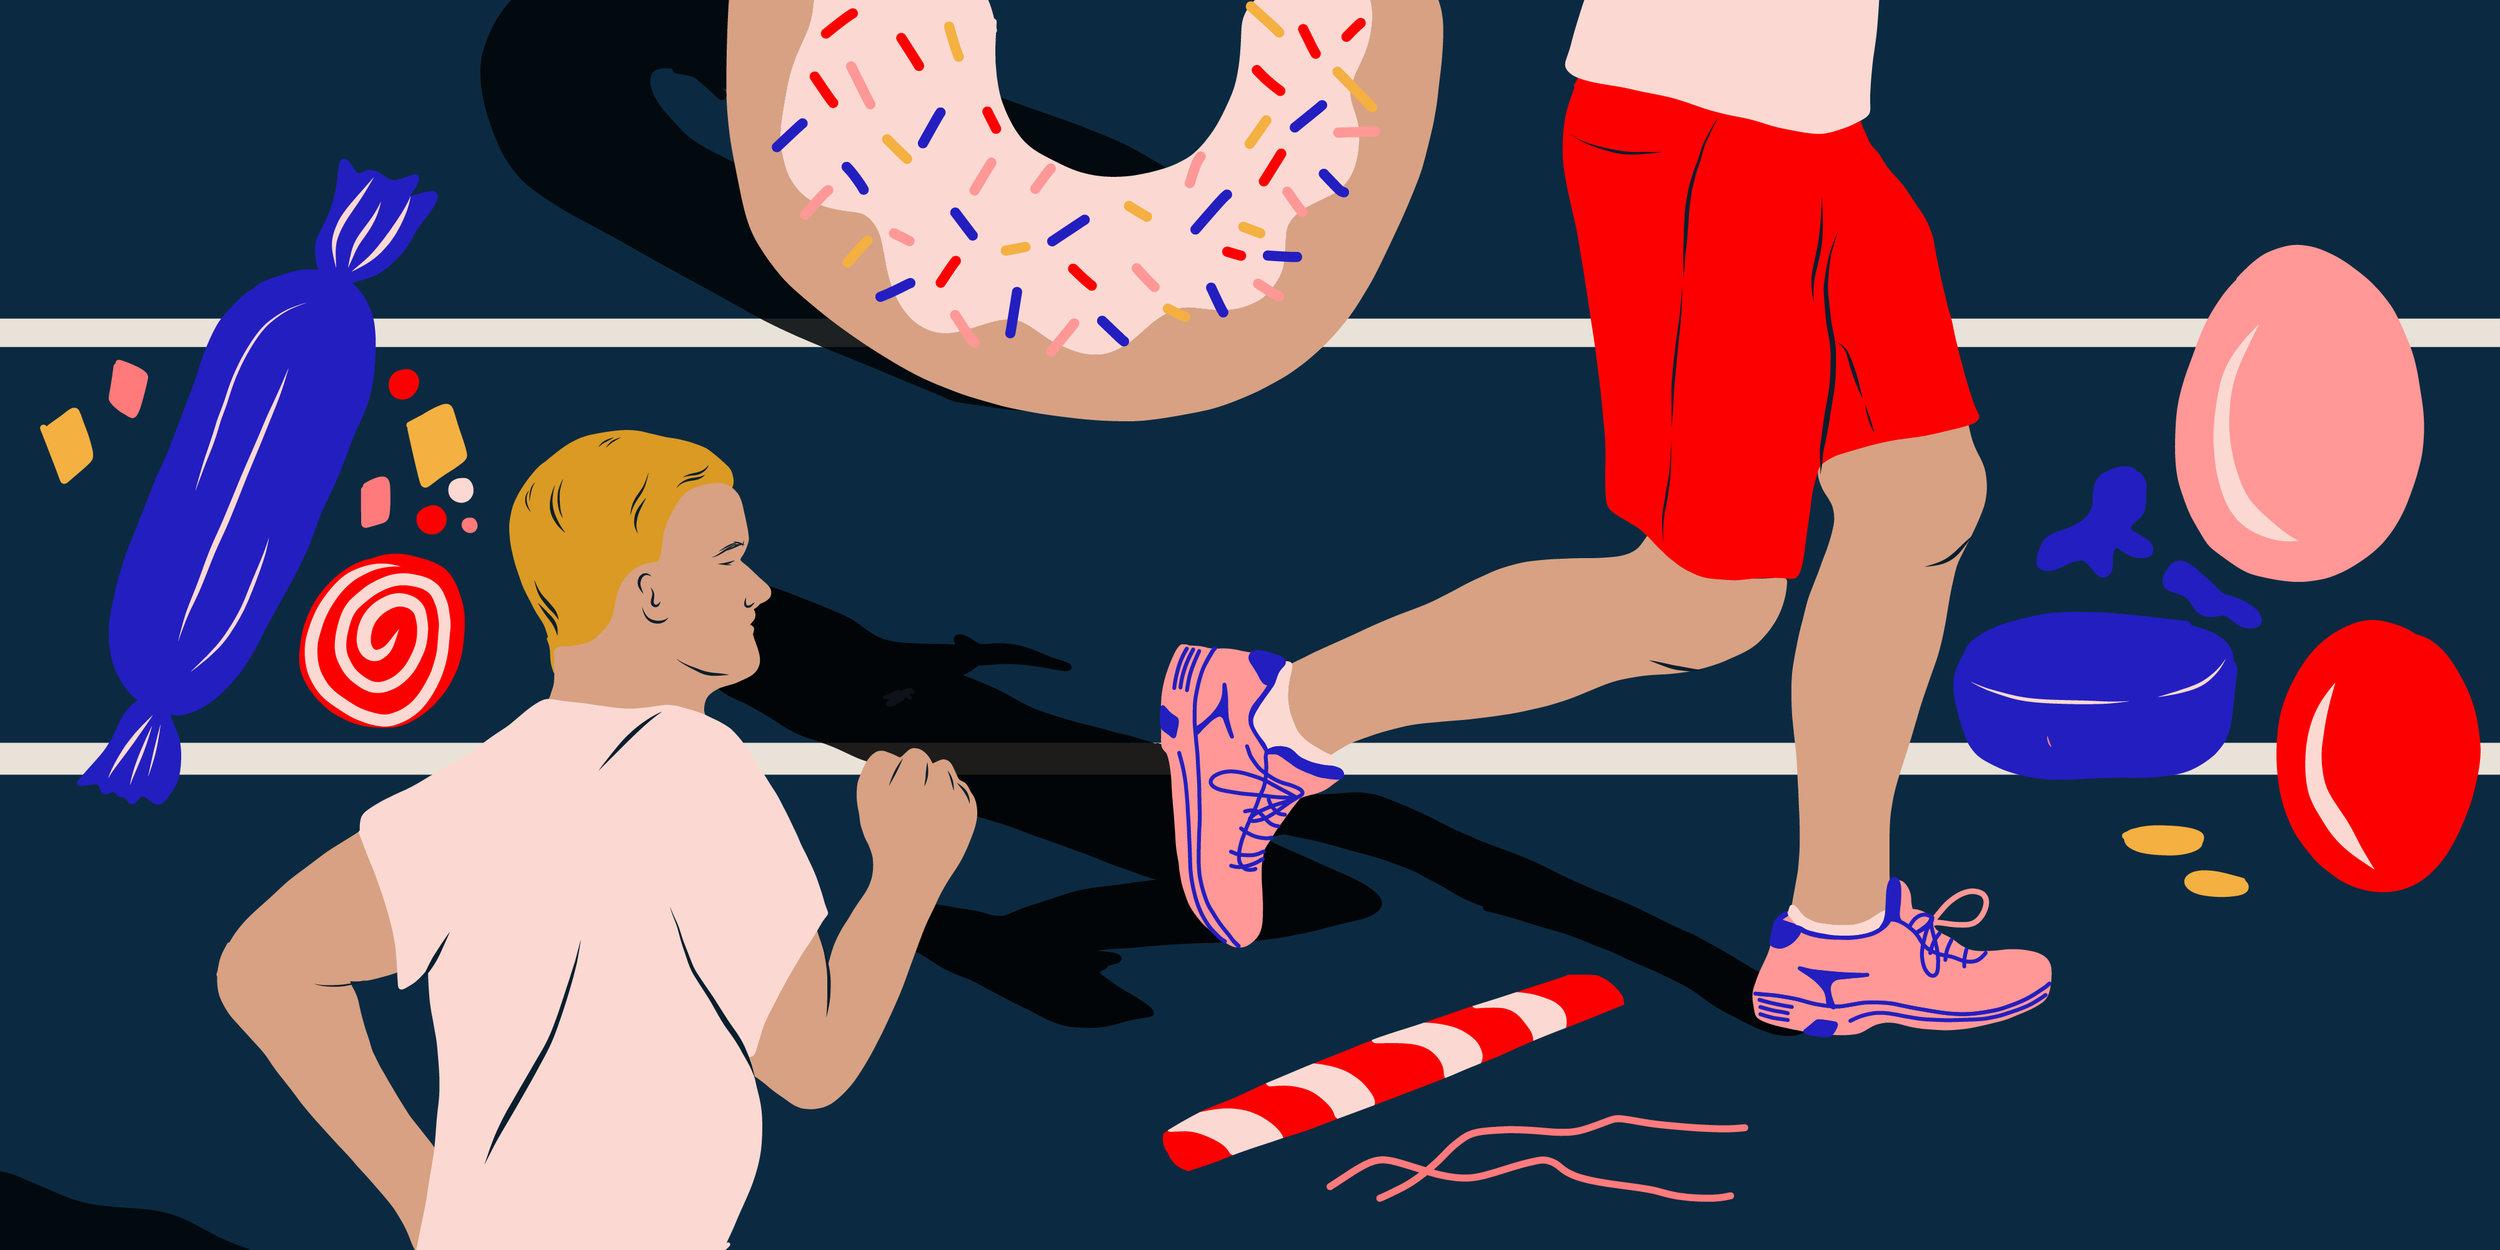 Sugar Run by Brian Oliu